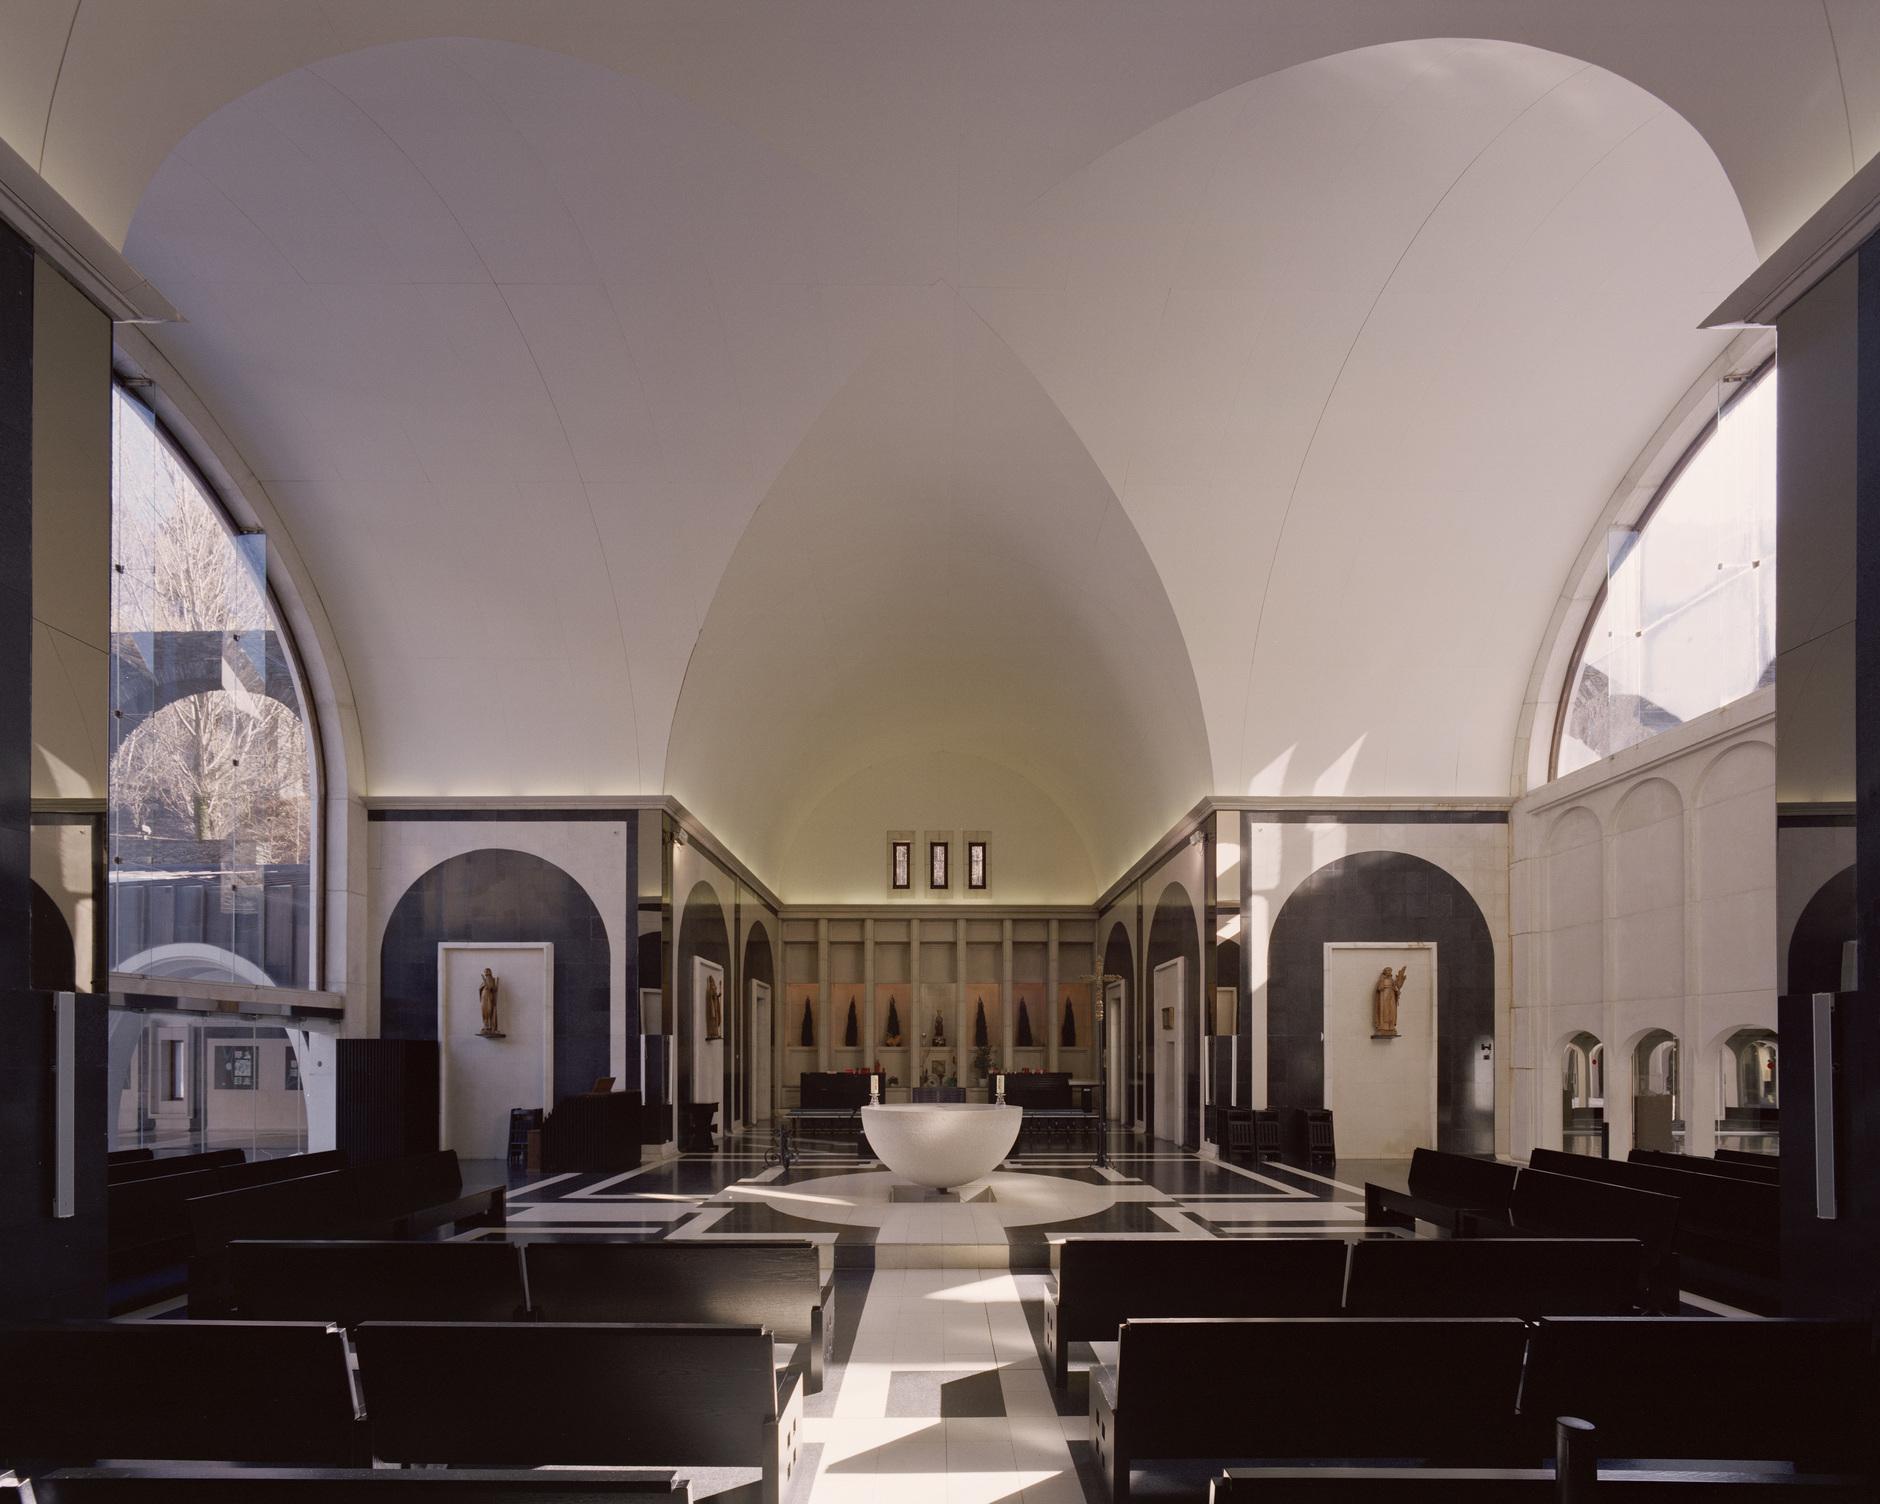 Рикардо Бофилл: самый известный архитектор постмодернизма (галерея 22, фото 1)